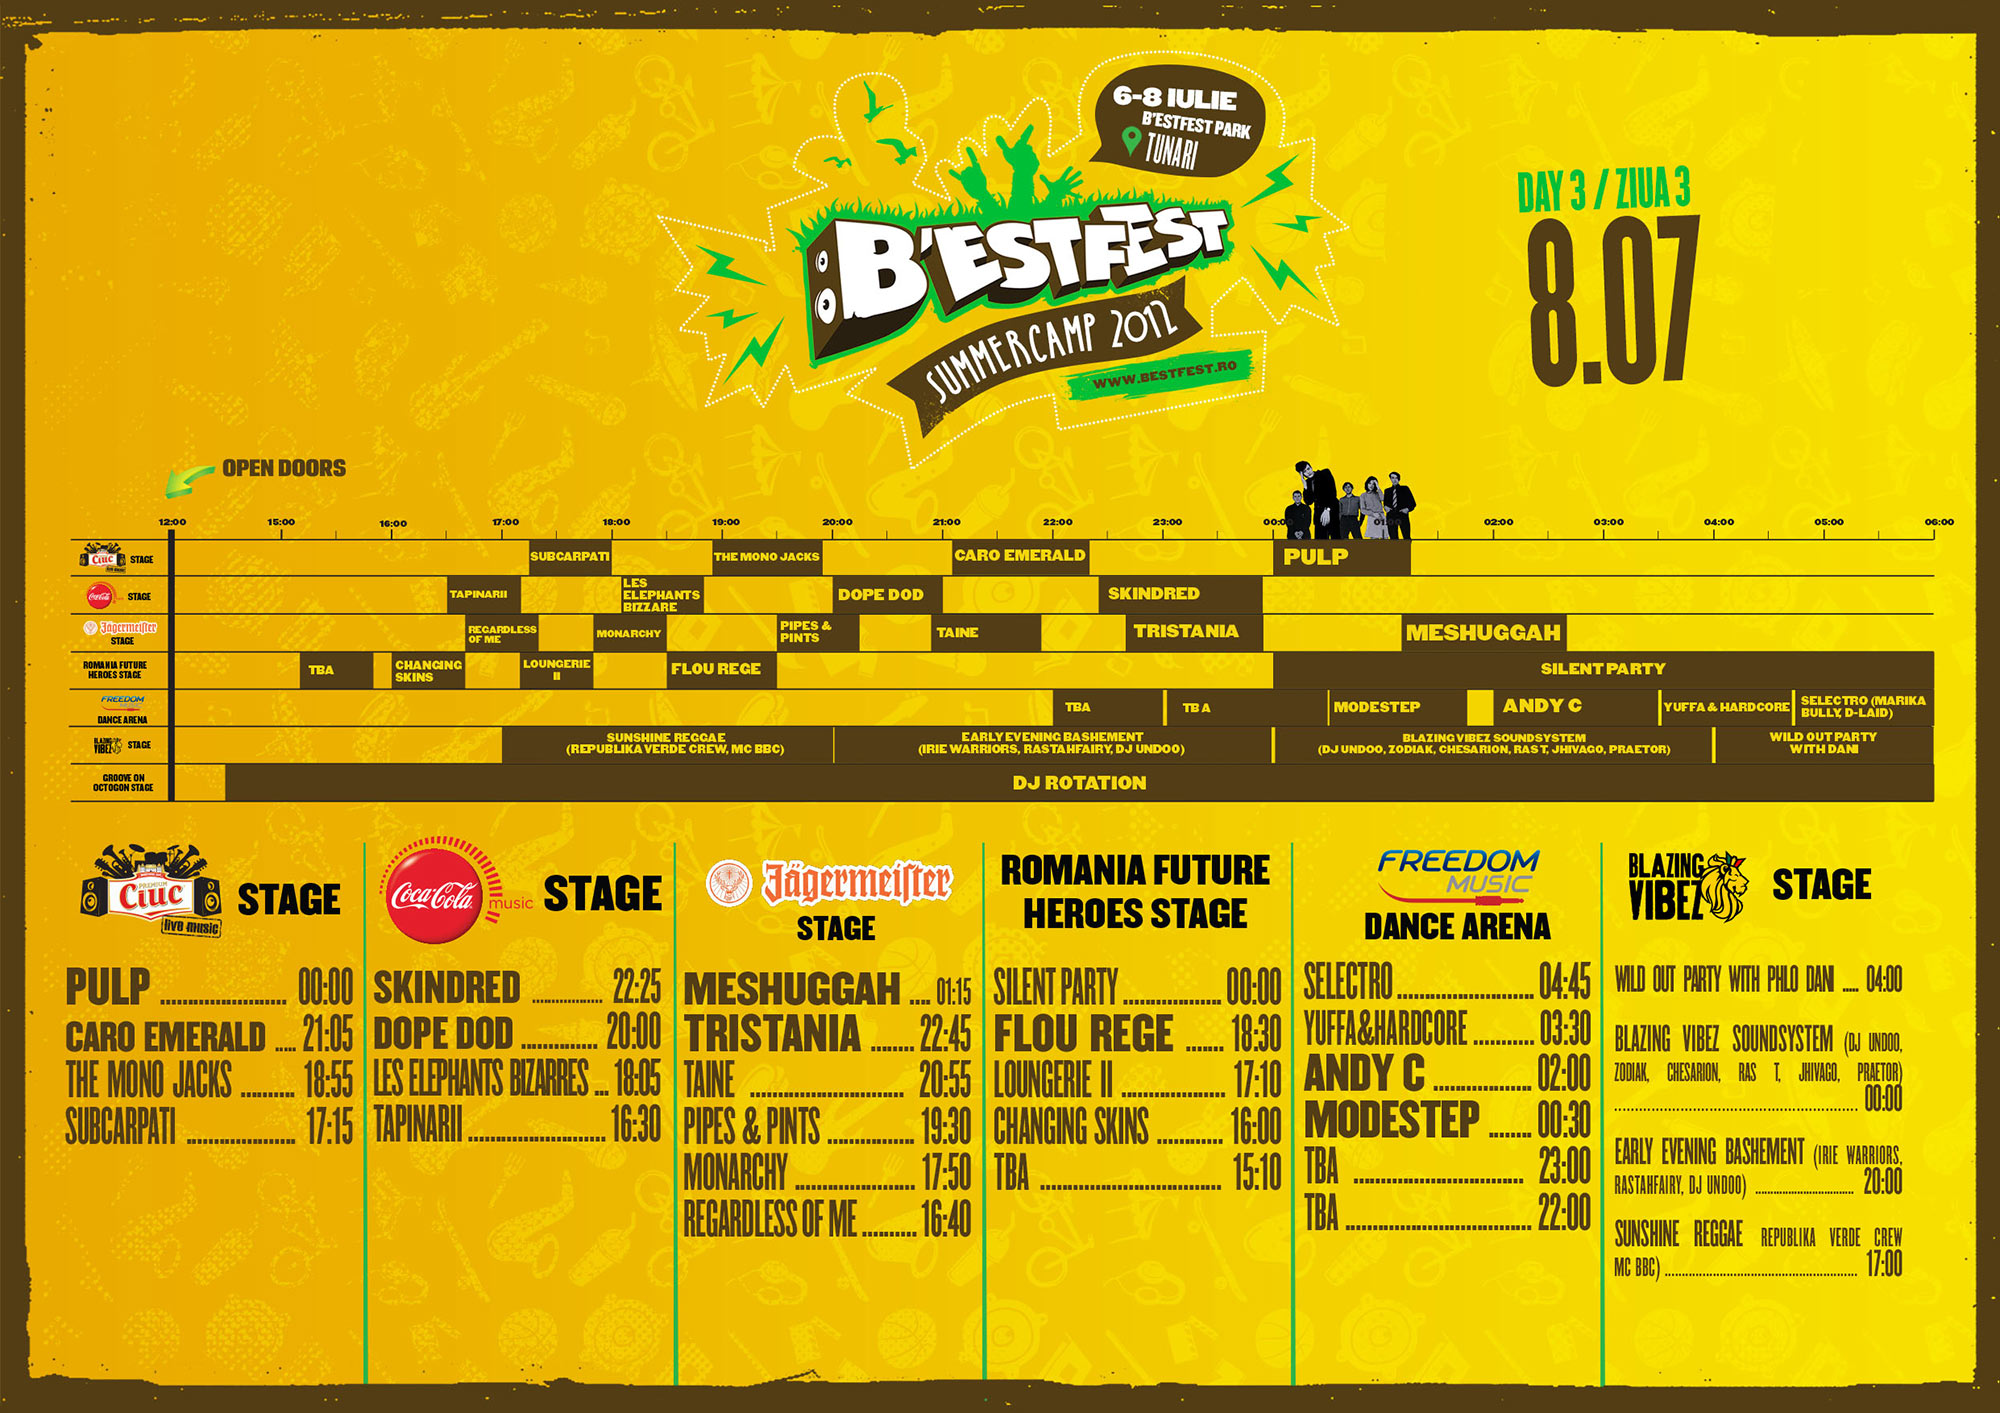 Programul complet B'Estfest - pe zile, scene si ore